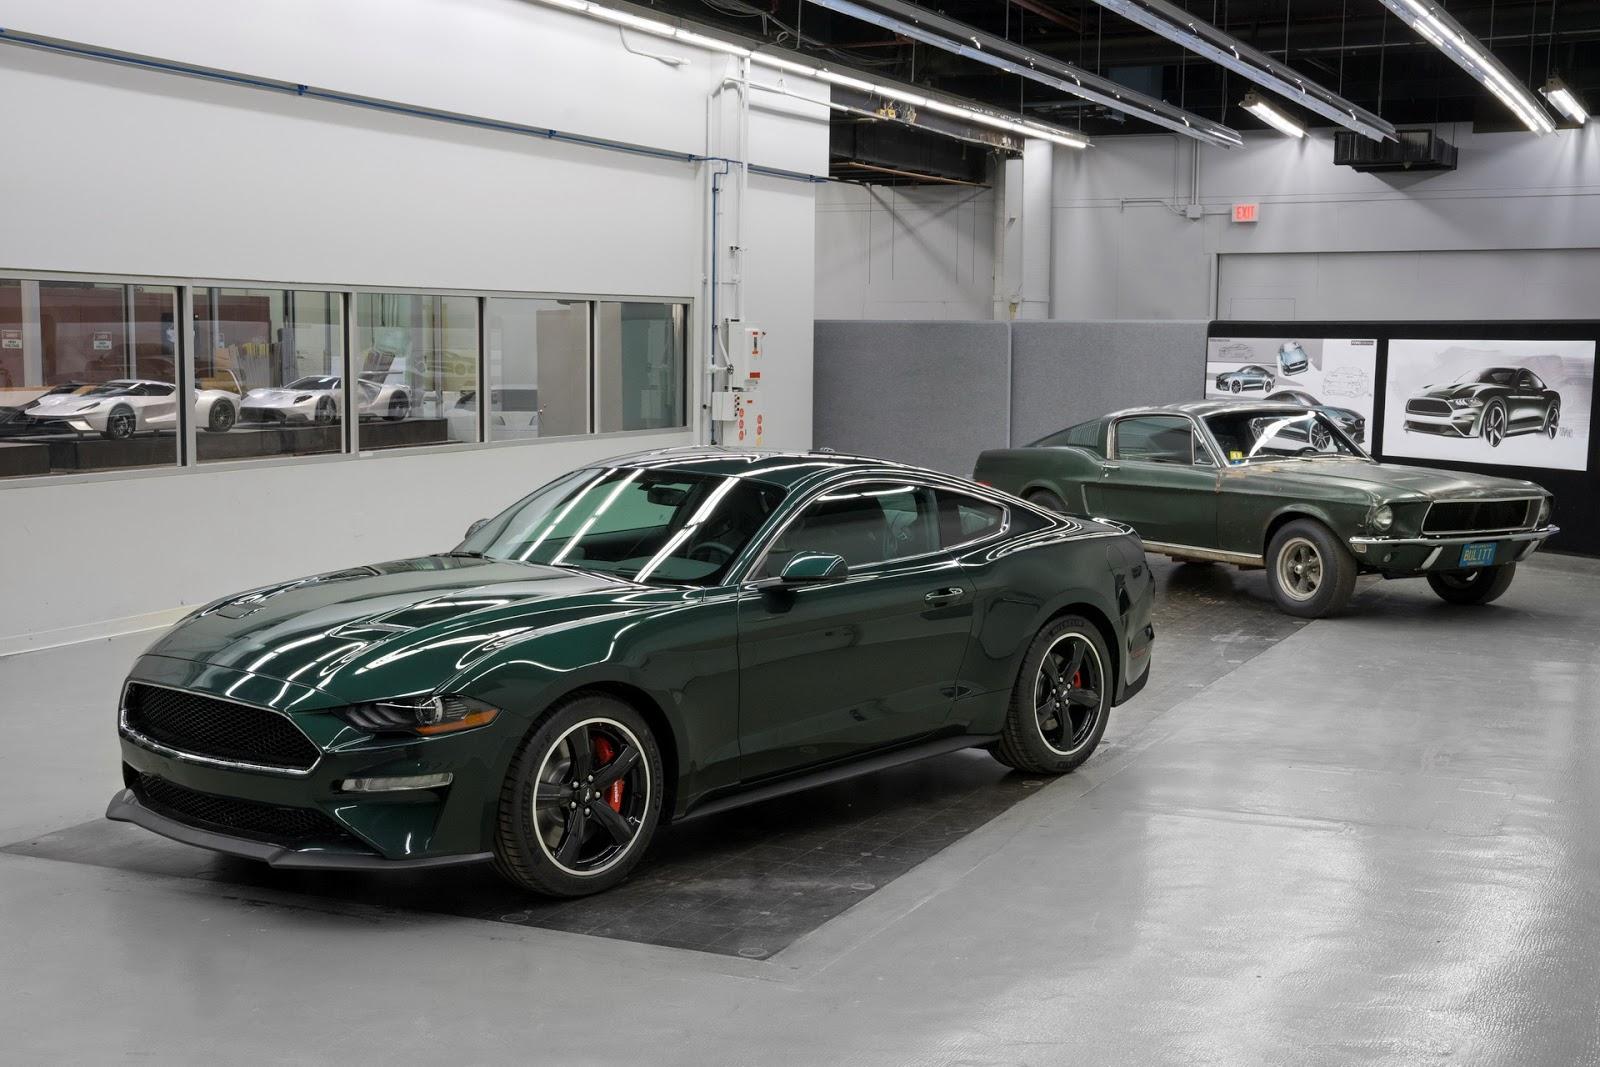 2019-Mustang-Bullitt-10.jpg